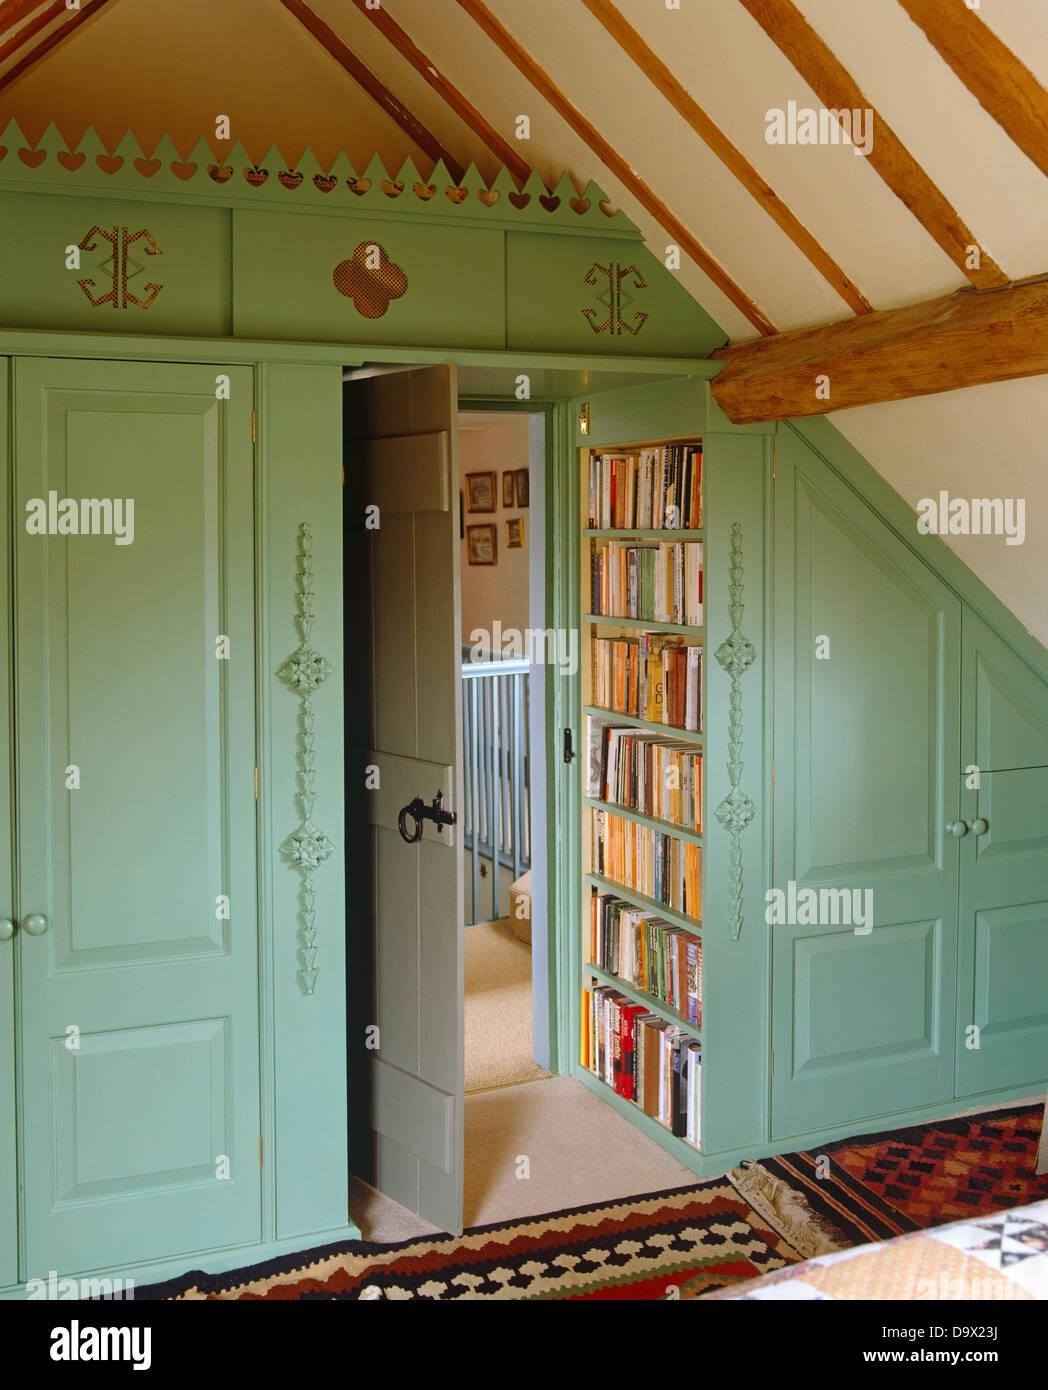 Malte Blassen Türkis Einbauschränke Mit Bücherregalen Unter Abfallenden  Strahlte Decke Im Land Schlafzimmer Gebaut